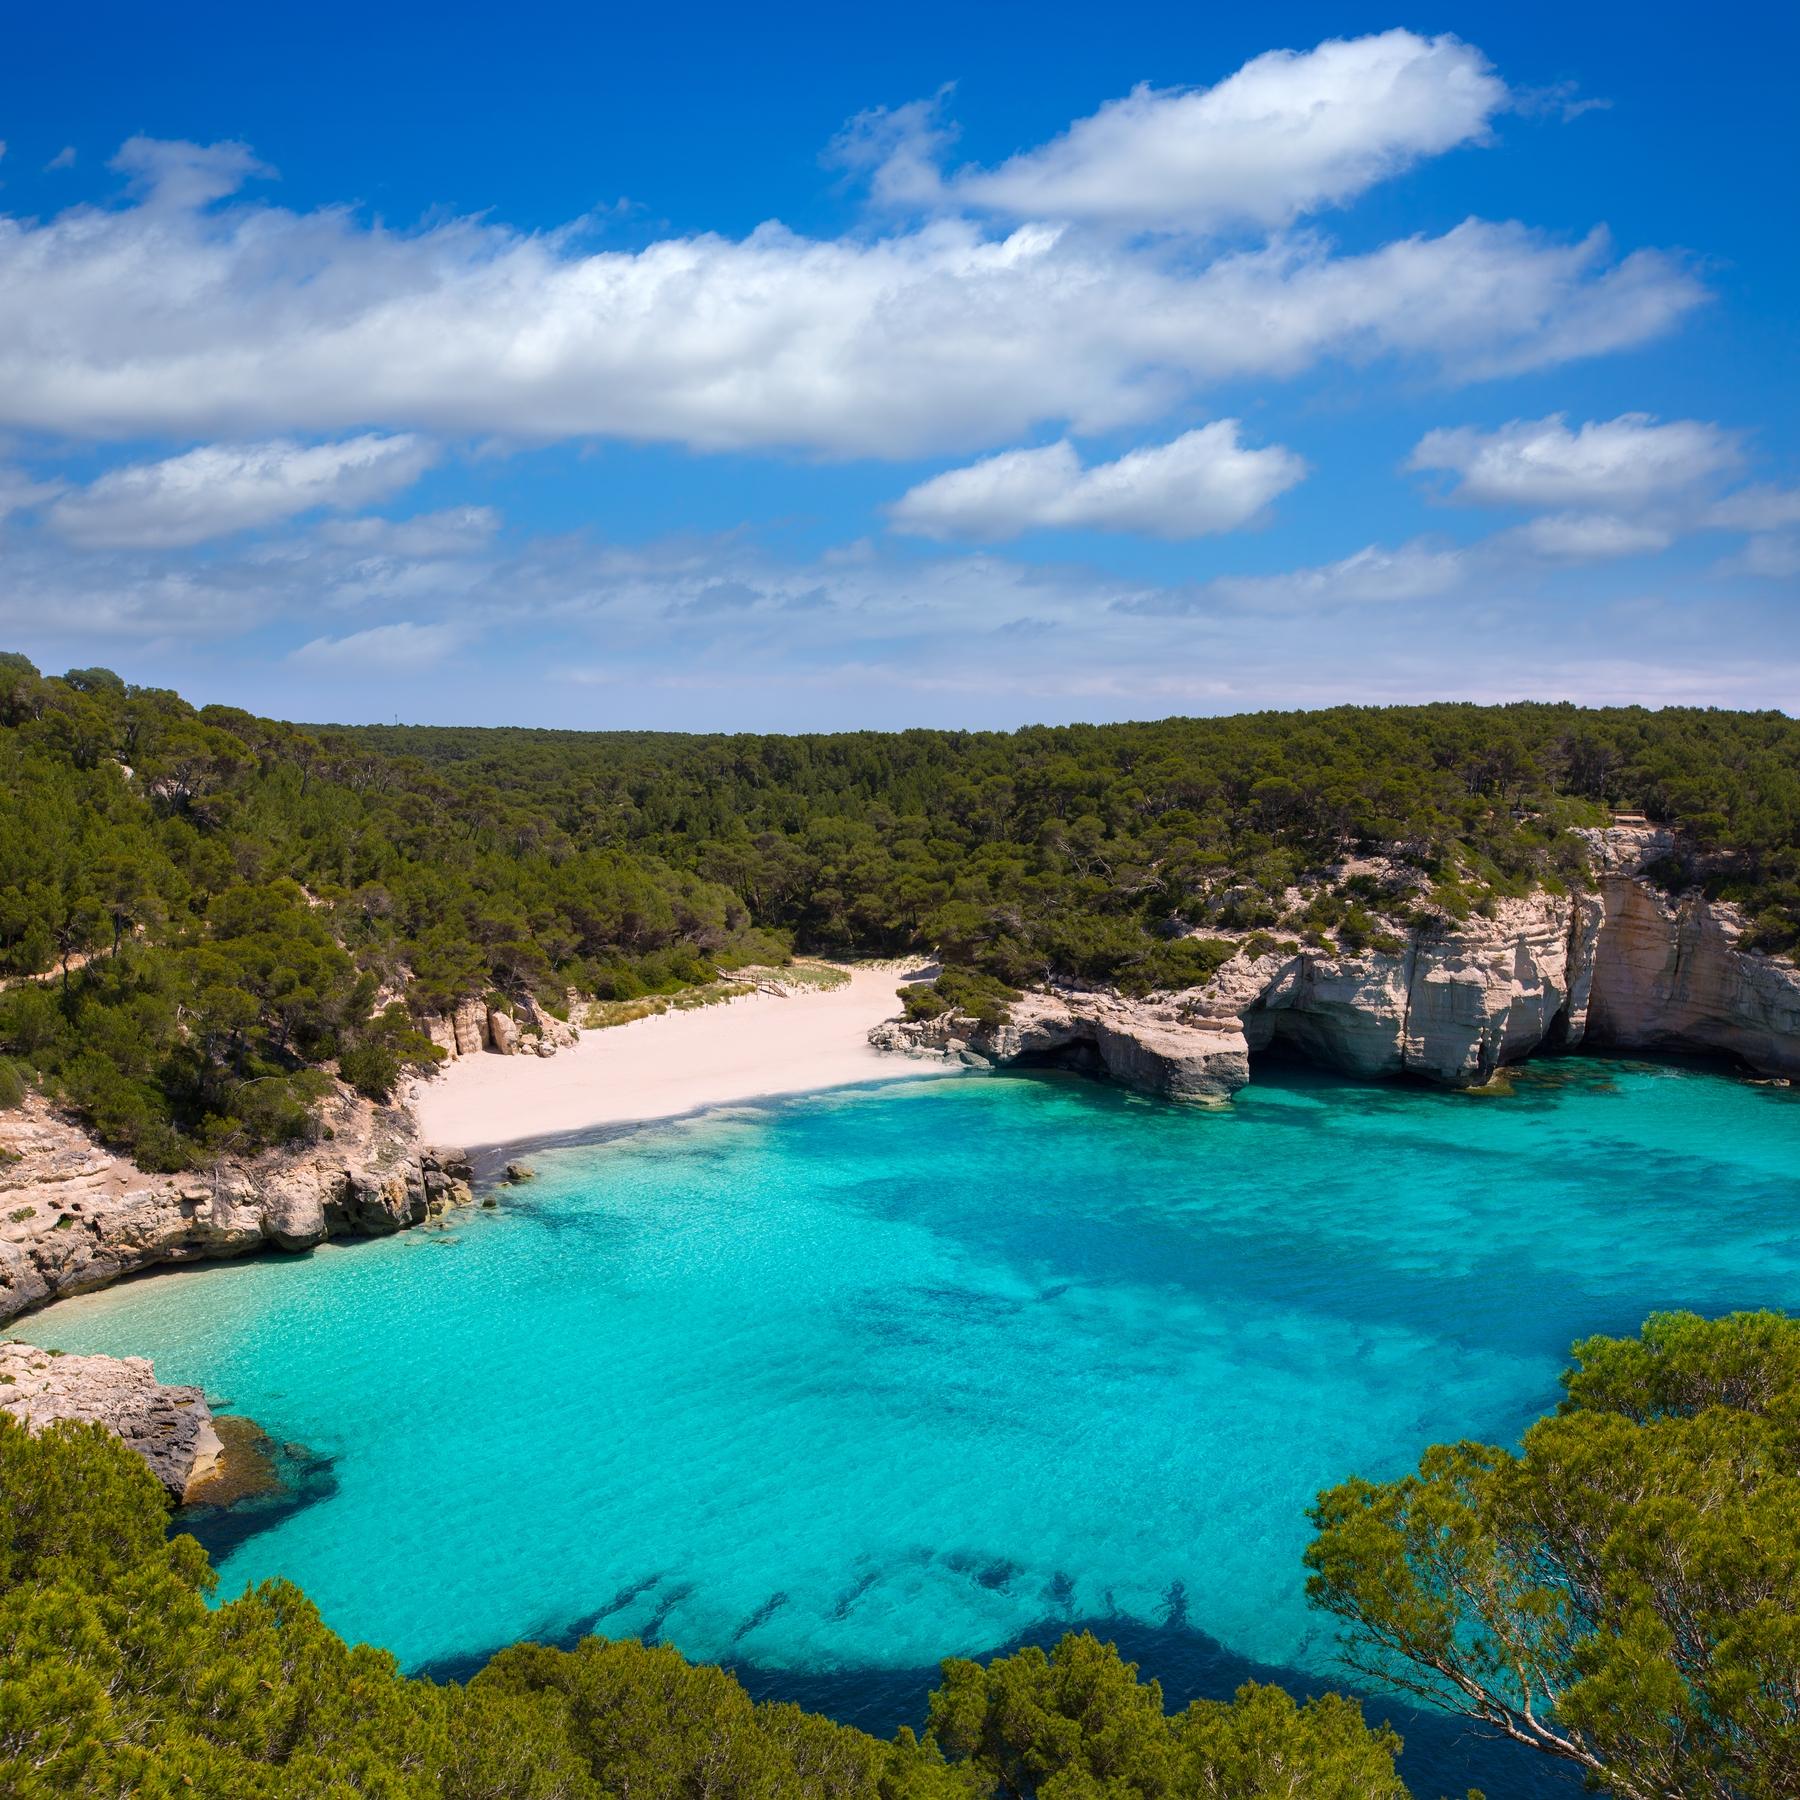 ¿Una de las playas de Menorca más impresionantes? Cala Morell, sin duda